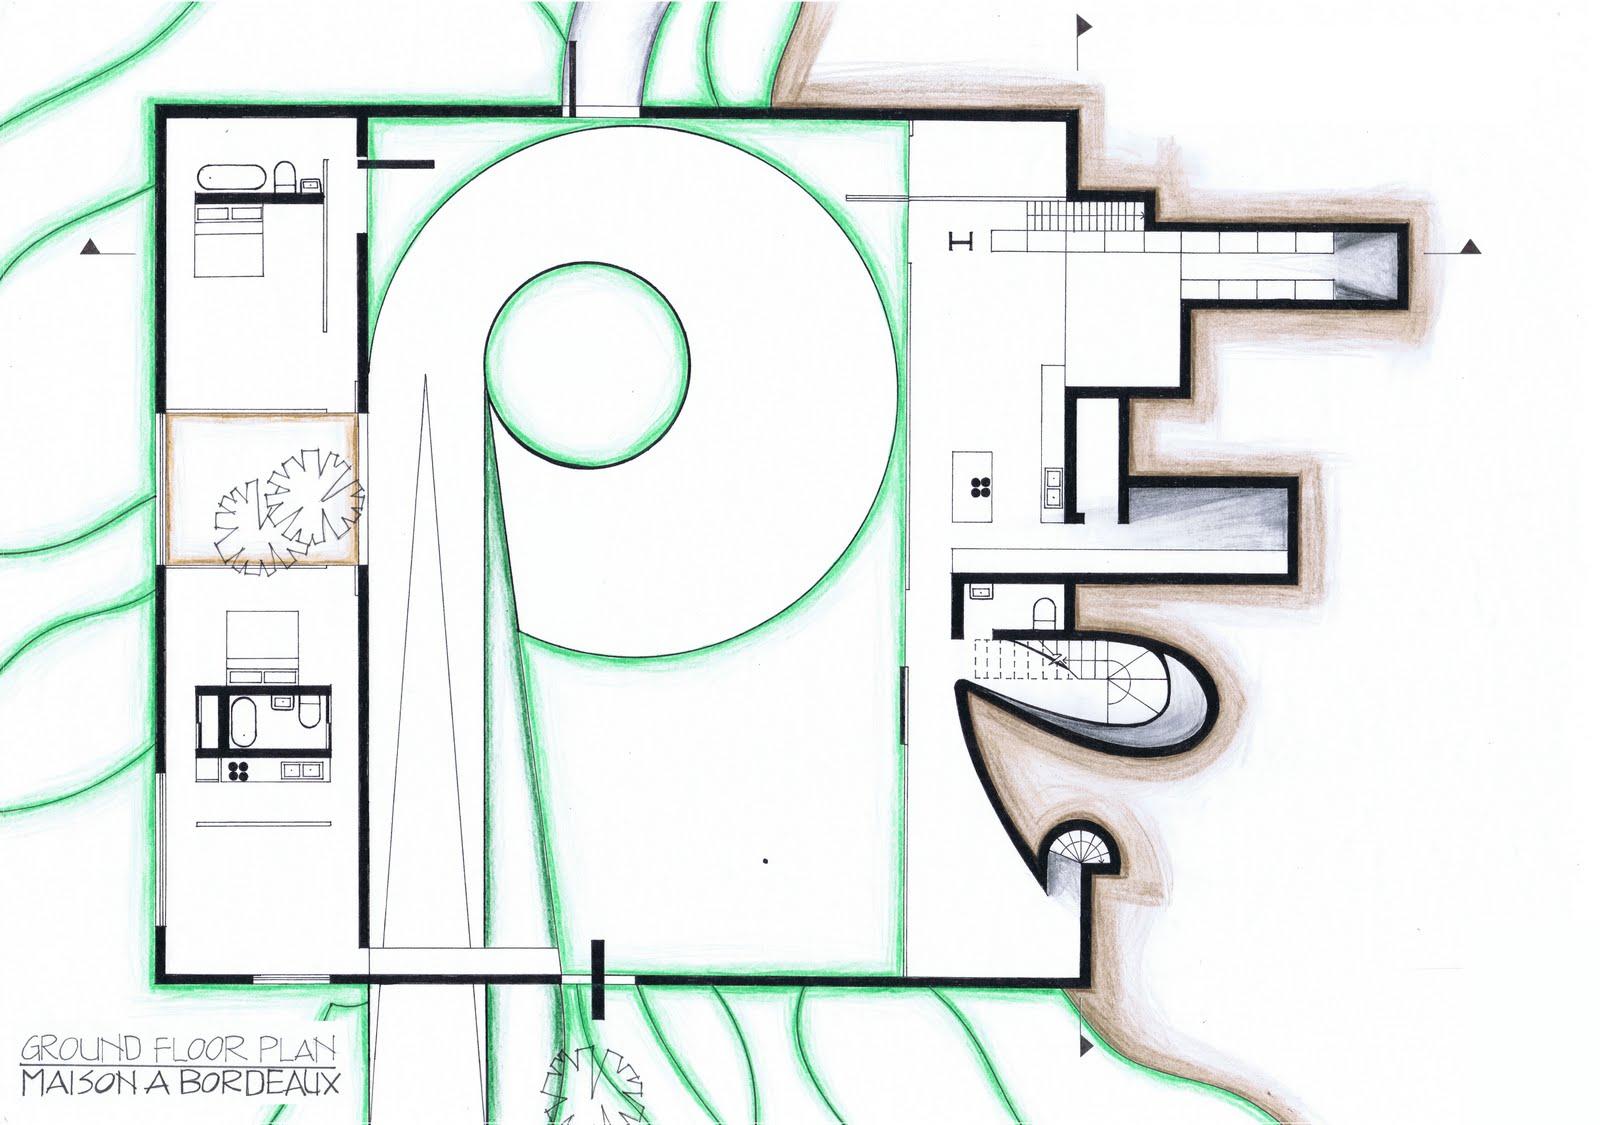 kristin harris arch 1201 maison a bordeaux plans at 1 100. Black Bedroom Furniture Sets. Home Design Ideas